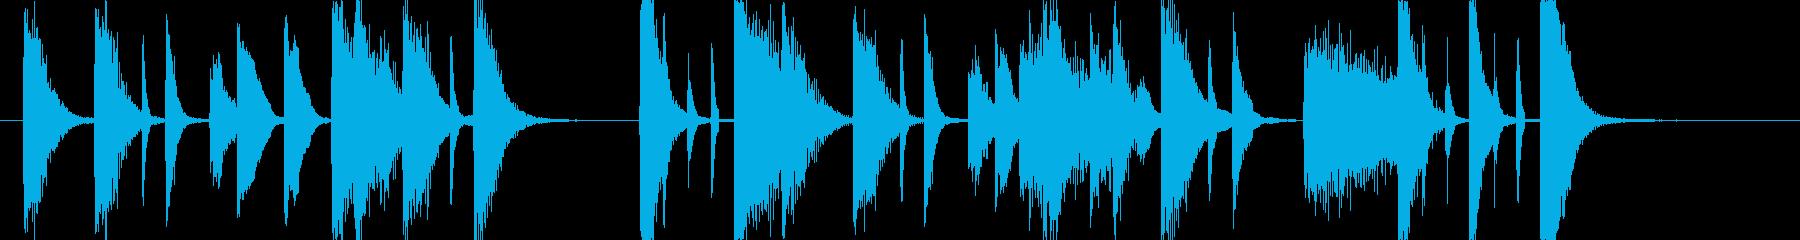 歯切れ良いピアノのジングル 006の再生済みの波形